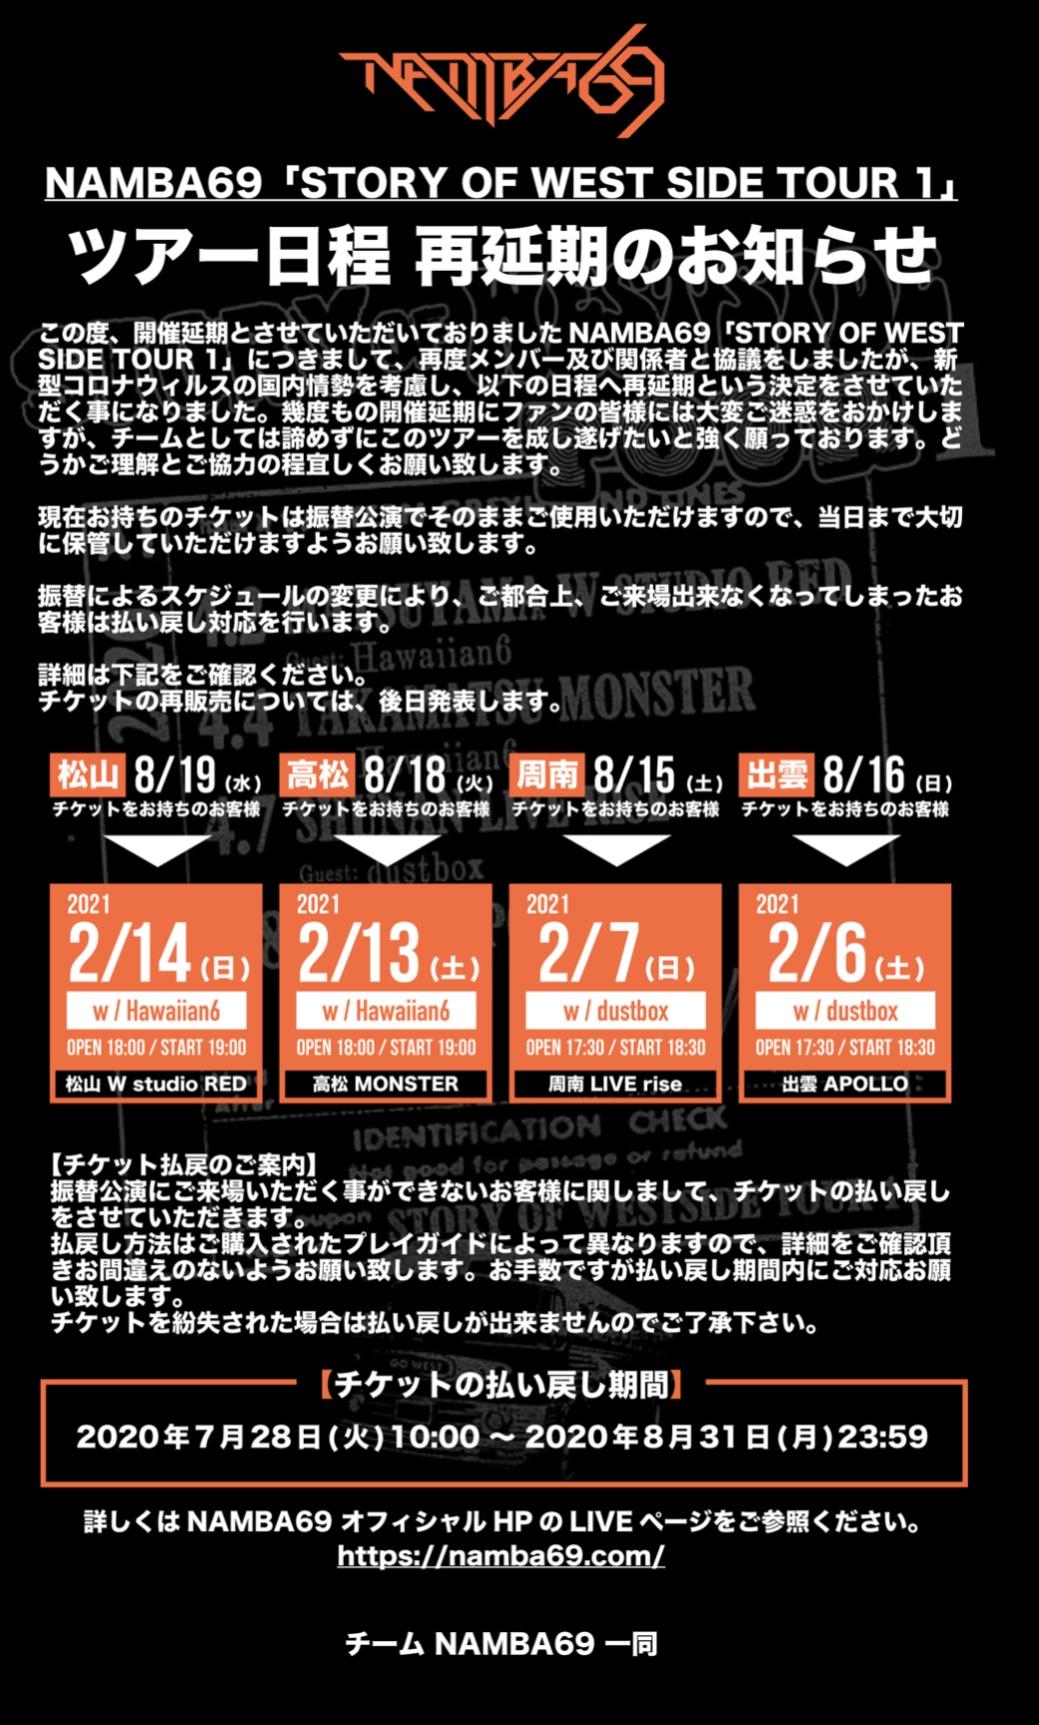 【公演再延期】NAMBA69